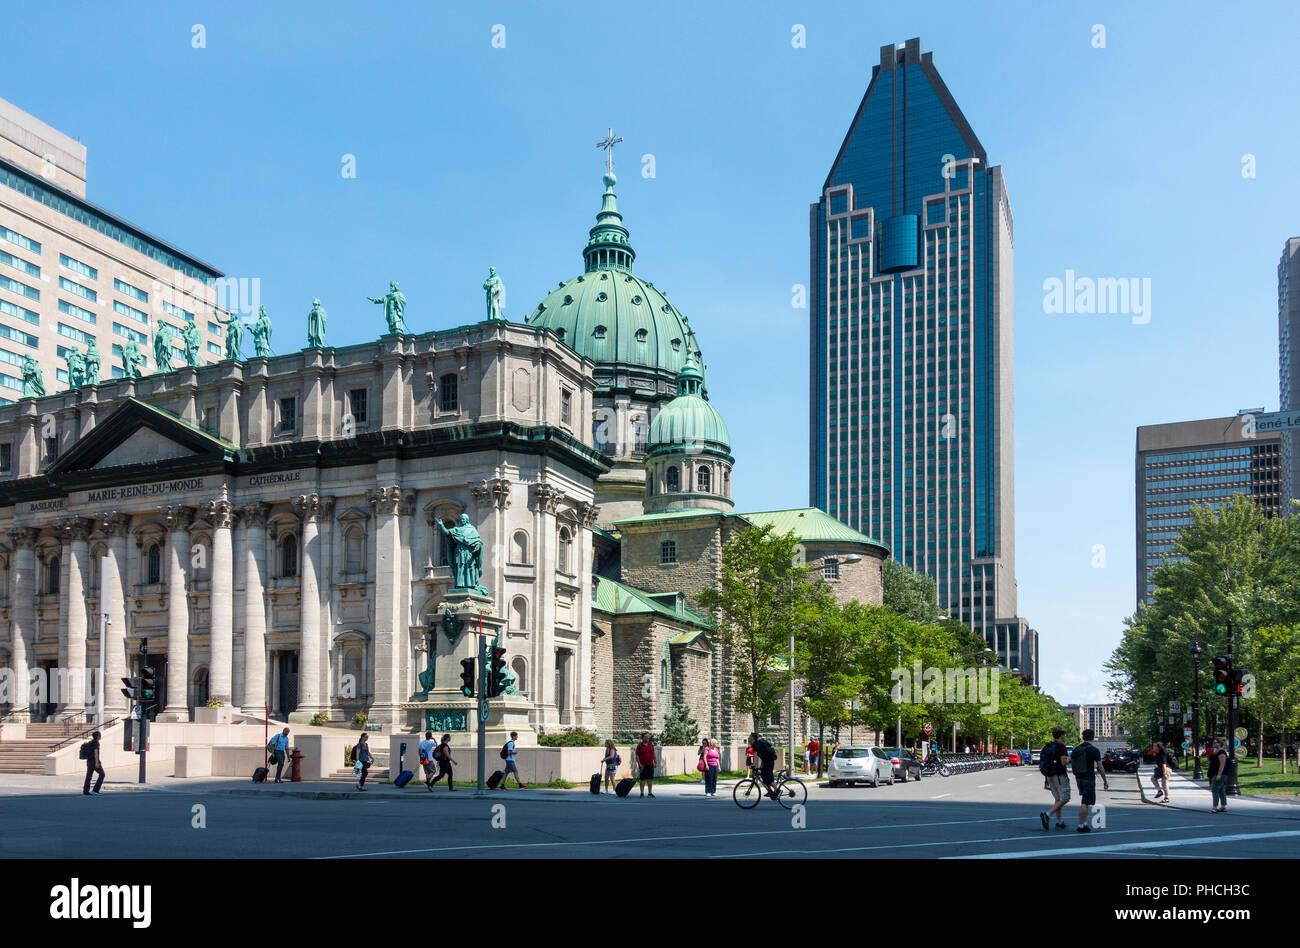 1000 de La Gauchetière, at 51 stories the tallest  building in Montreal and Cathédrale Marie-Reine-du-Monde - Stock Image